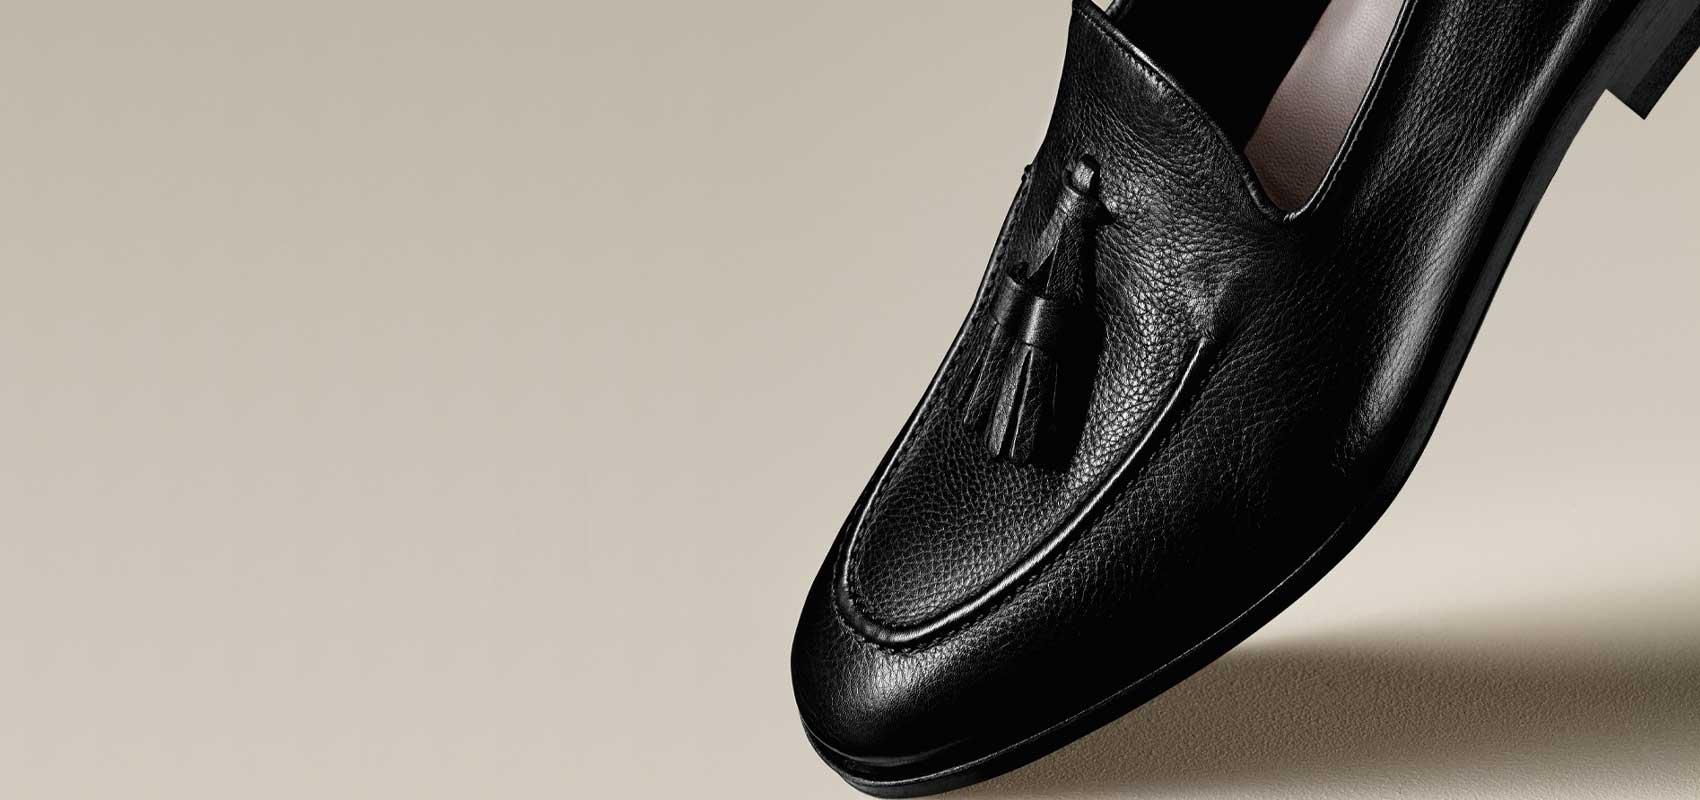 Charles Tyrwhitt Loafers